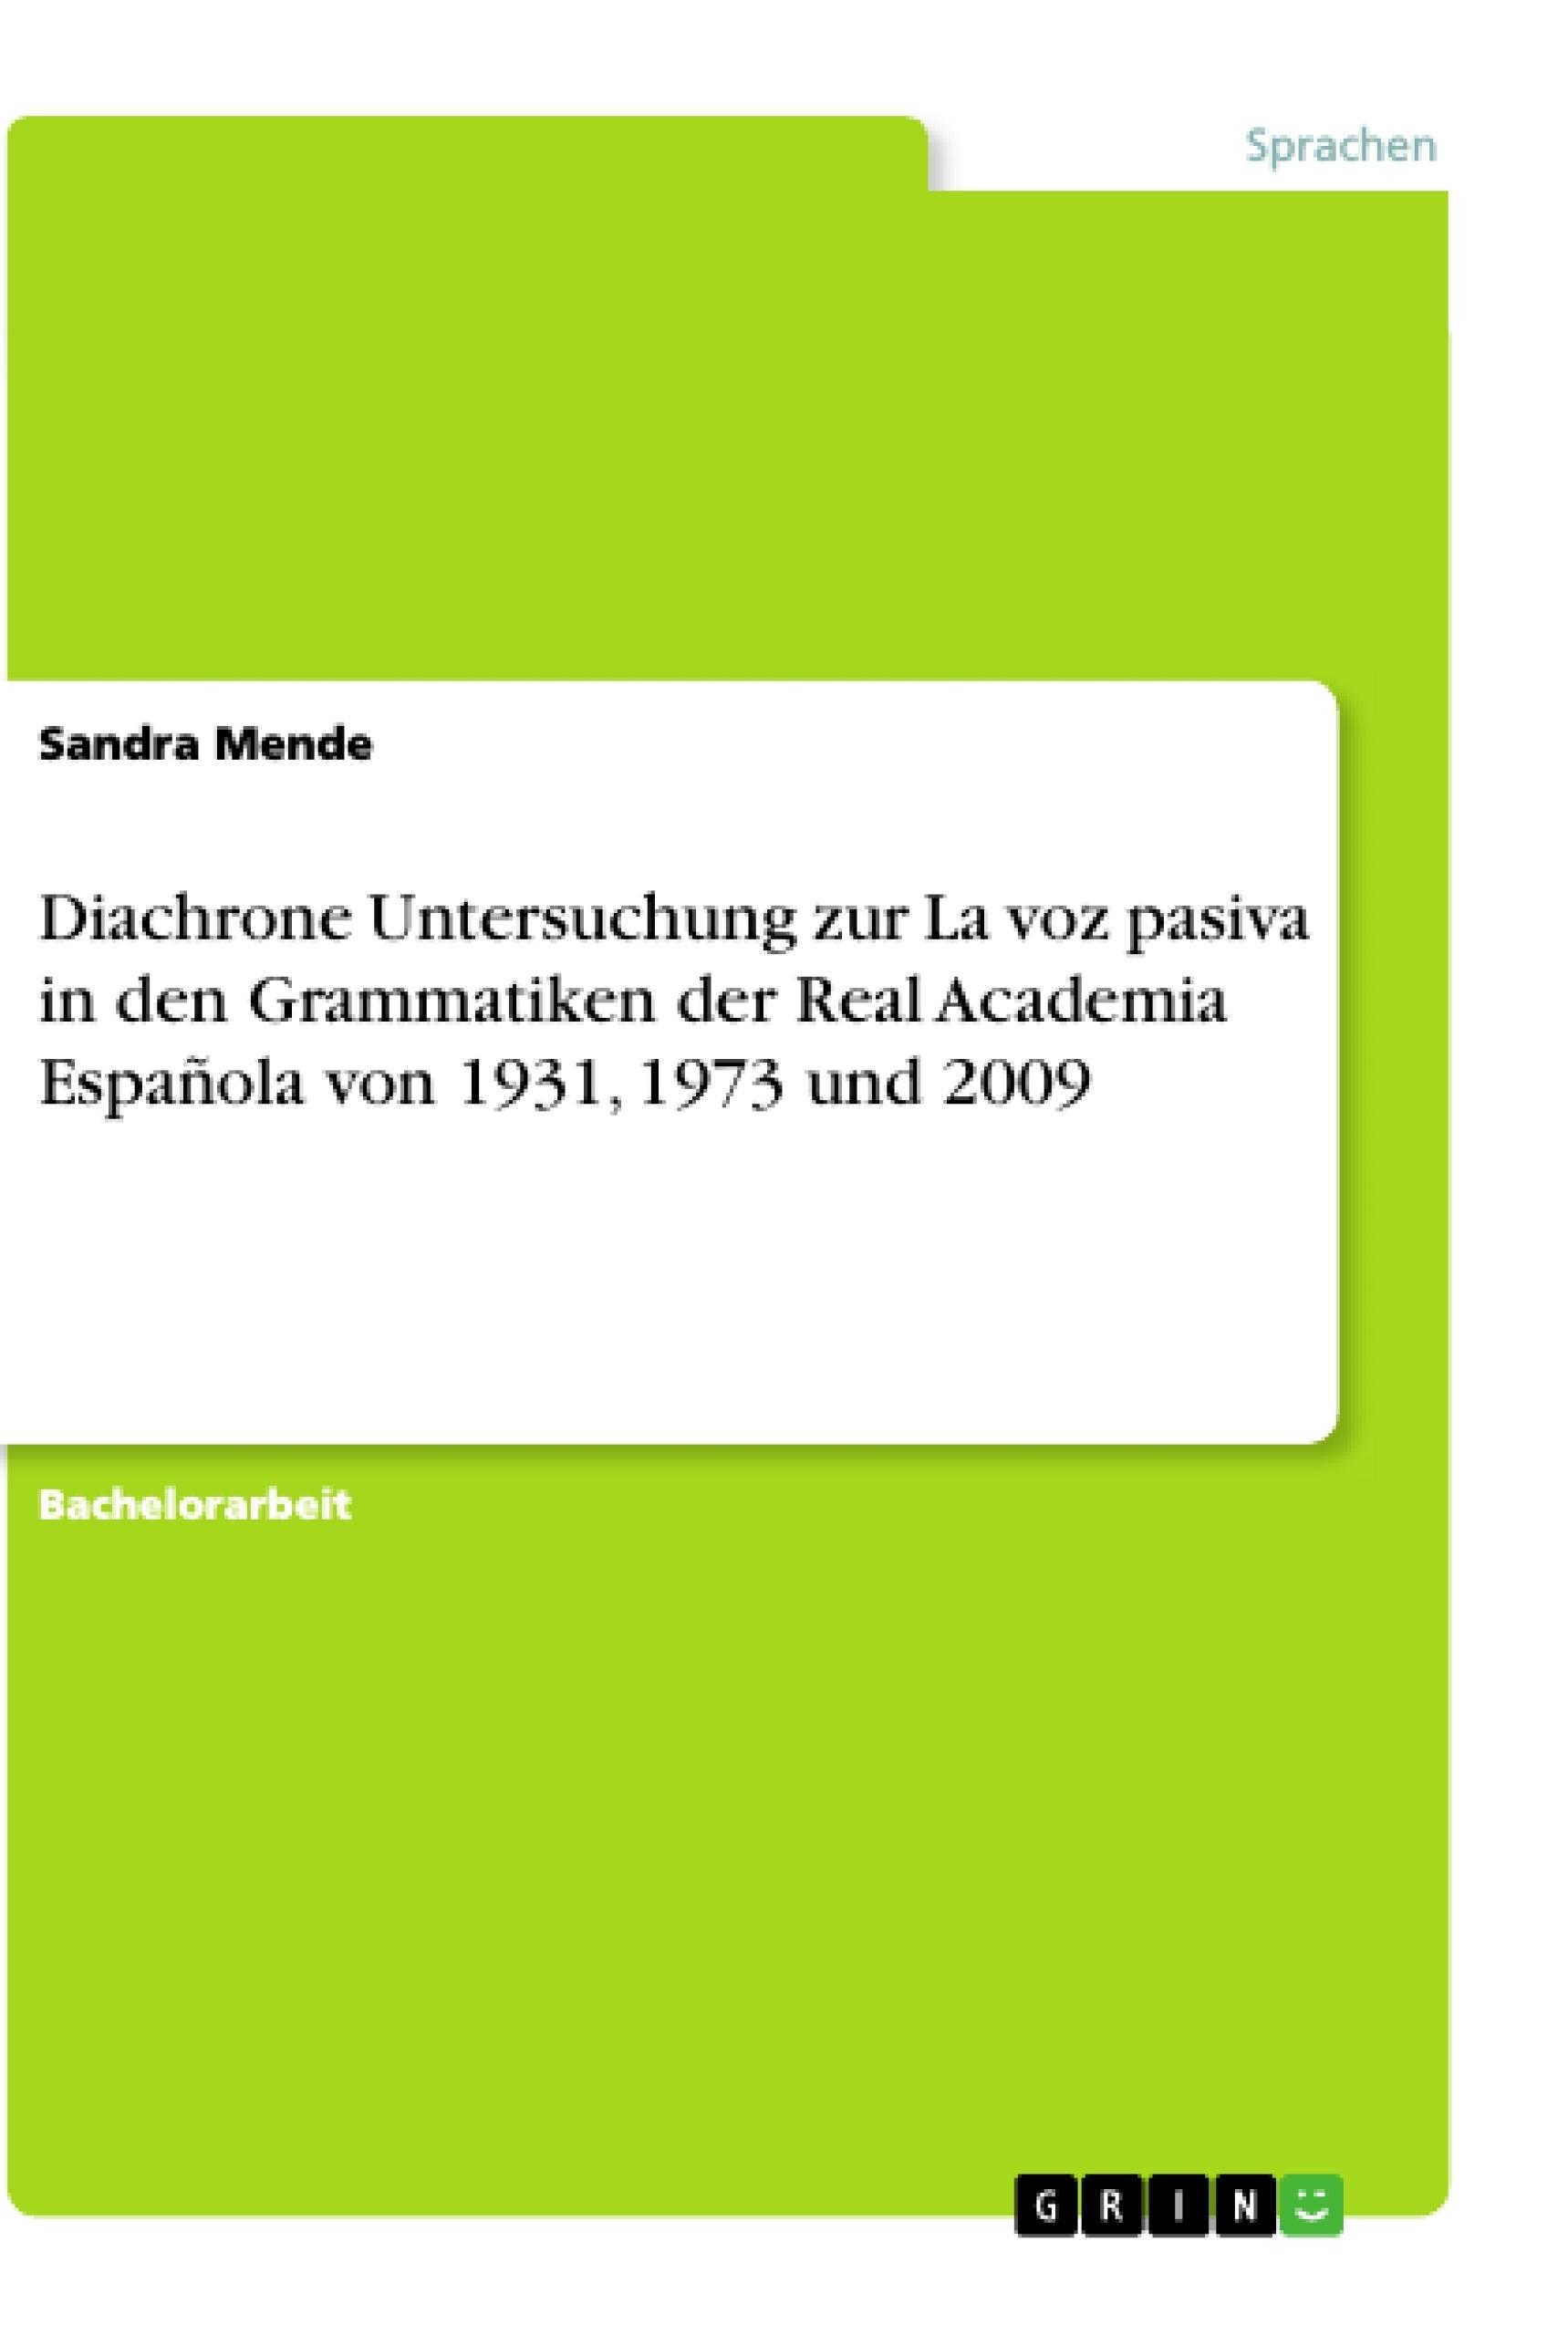 Titel: Diachrone Untersuchung zur La voz pasiva in den Grammatiken der Real Academia Española von 1931, 1973 und 2009